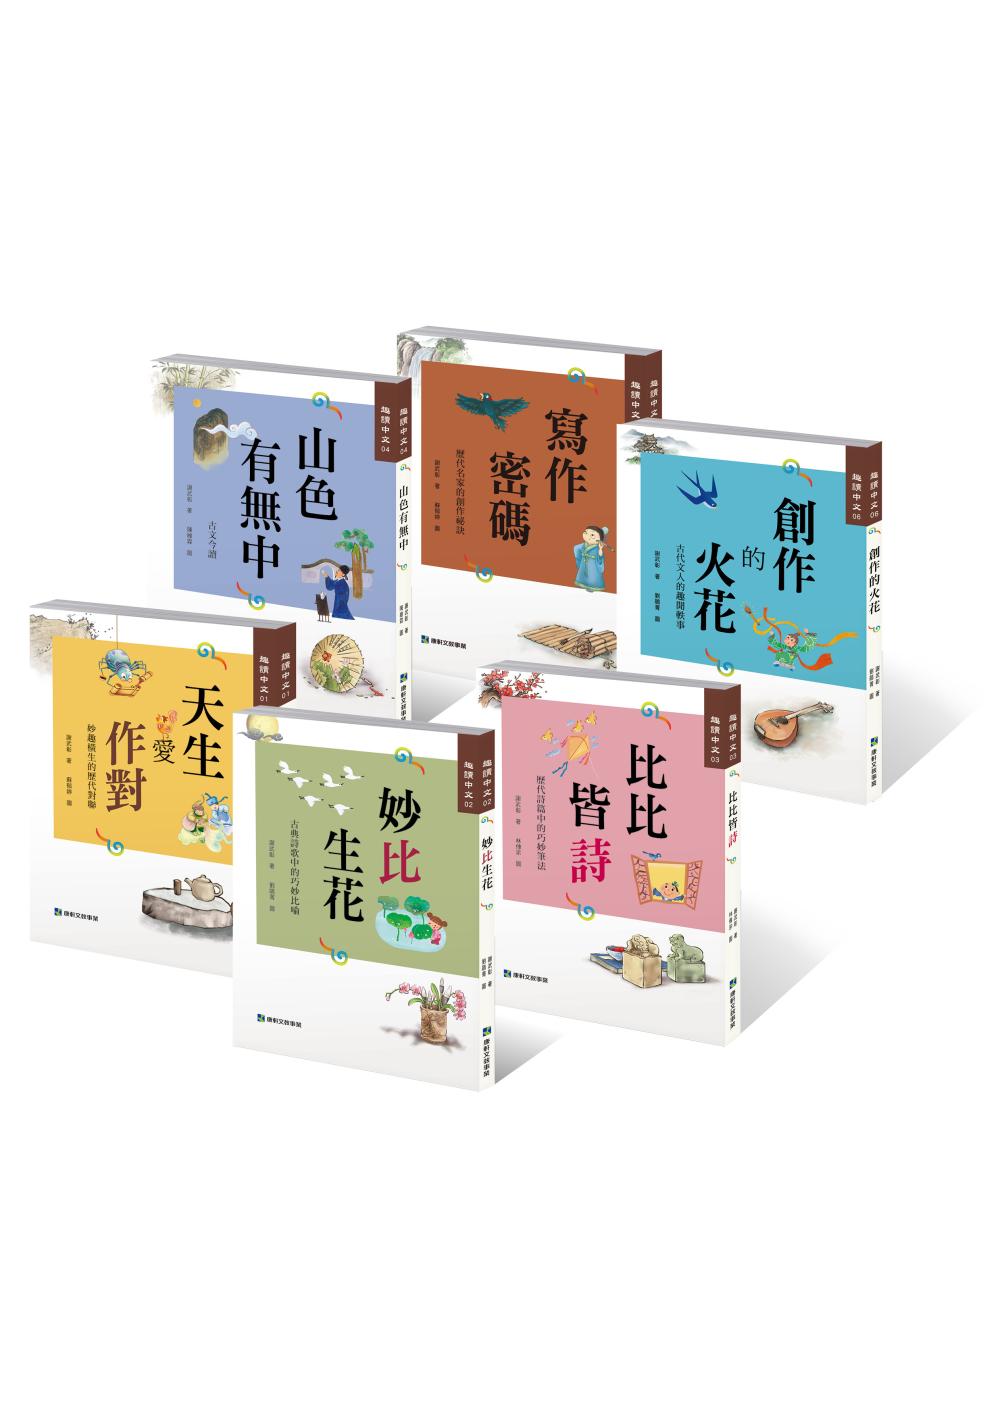 趣讀中文套書(共6冊)天生愛作對/妙比生花/比比皆詩/山色有無中/寫作密碼/創作的火花